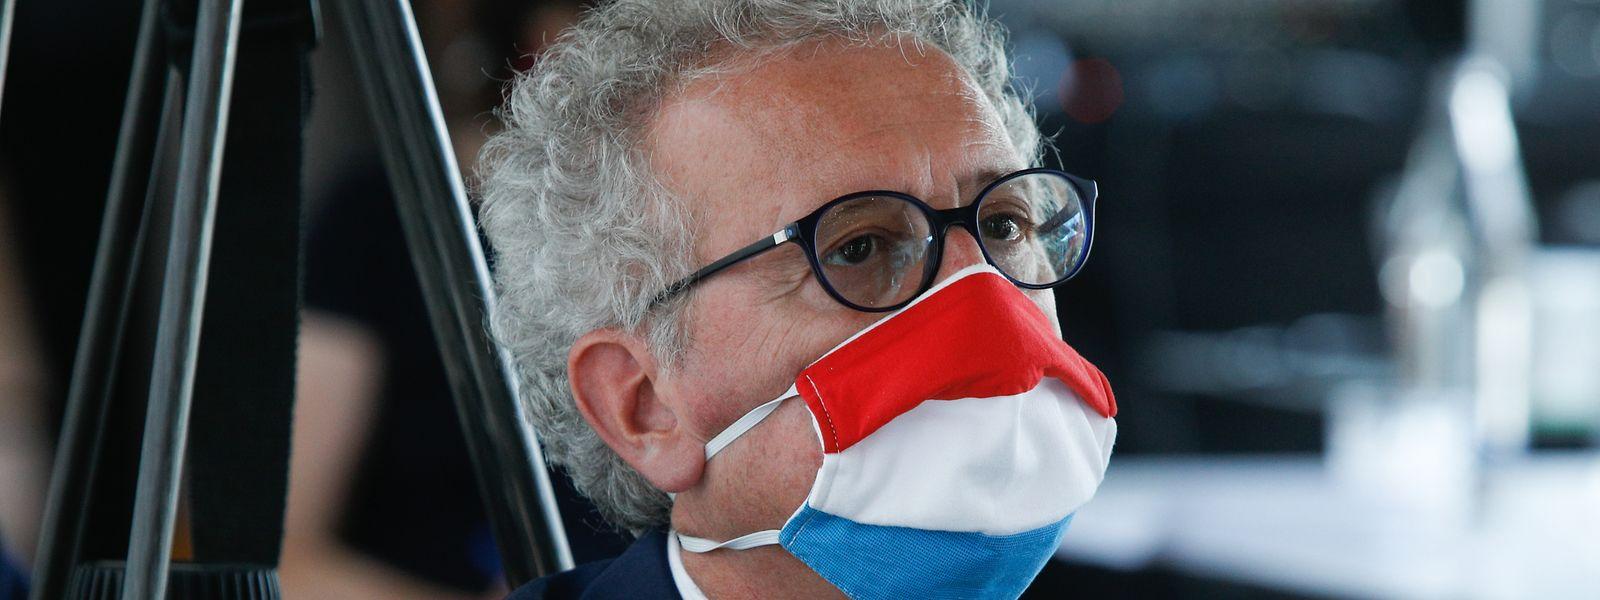 Pierre Gramegna doit faire face à une perte exceptionnelle de recettes de l'ordre de 1,2 milliard d'euros en comparaison à la même période 2019.